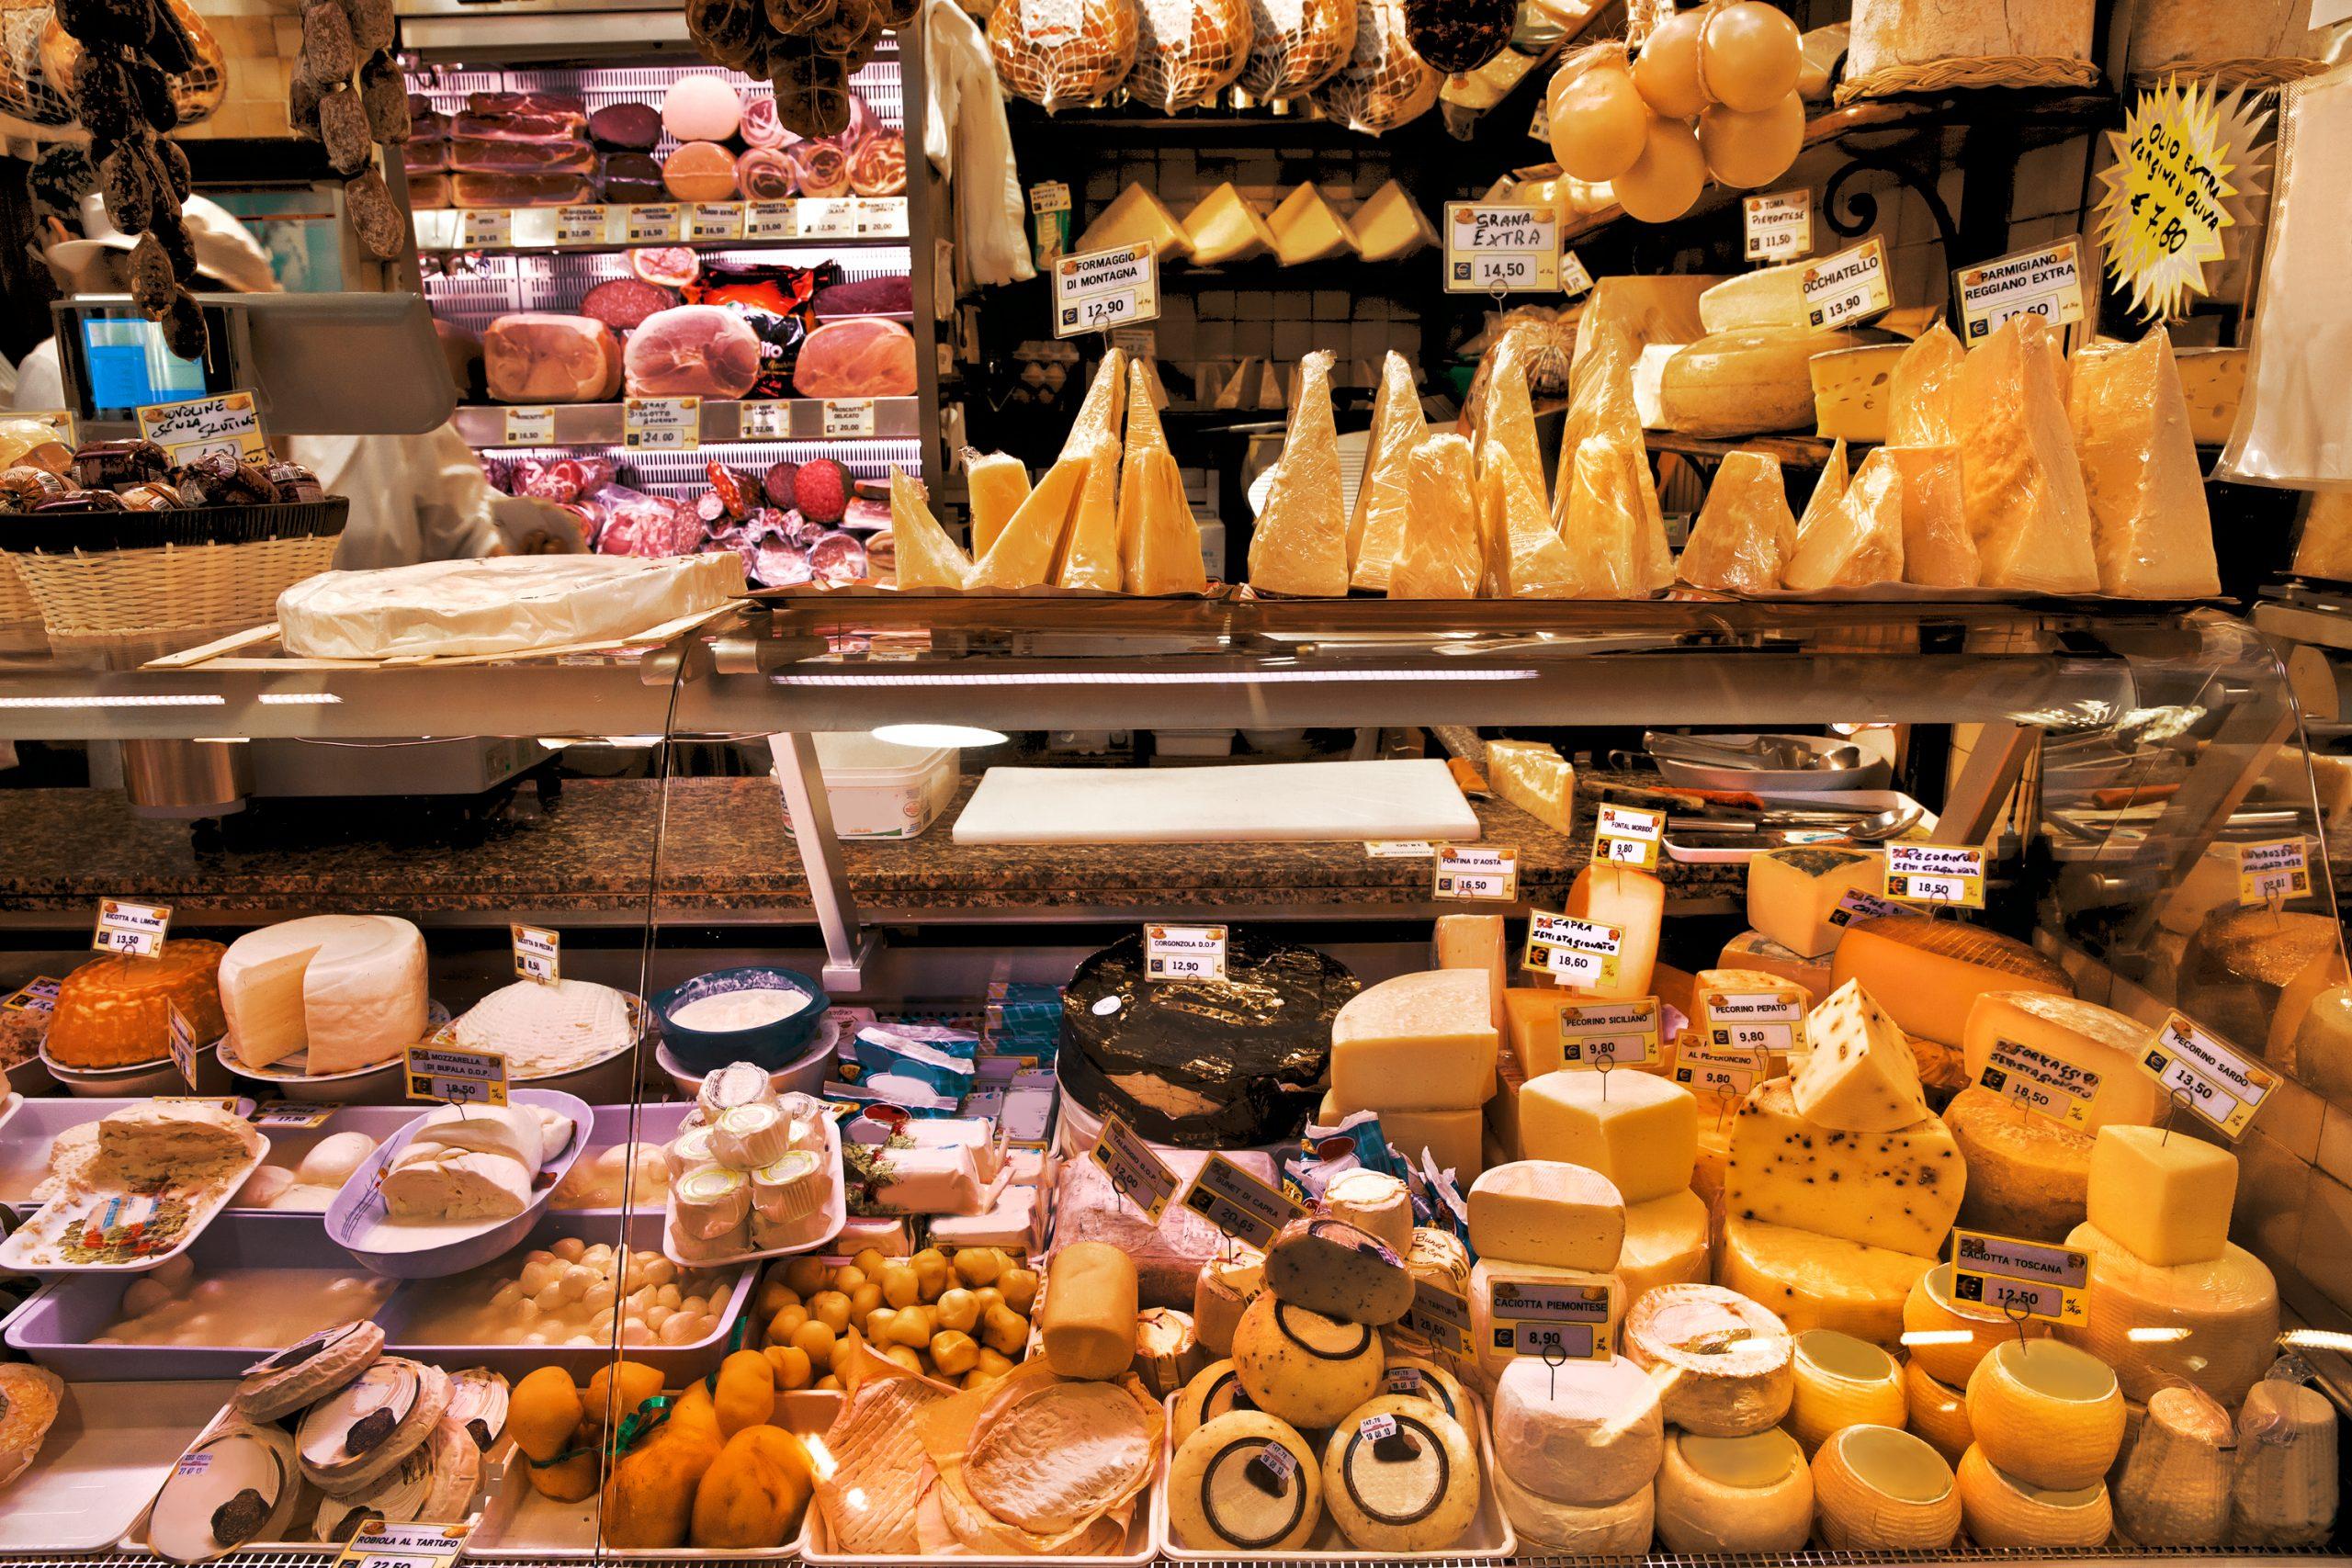 Sådan ser en ostebutik ud – før musene har været der. (Foto: shutterstock_151486673)